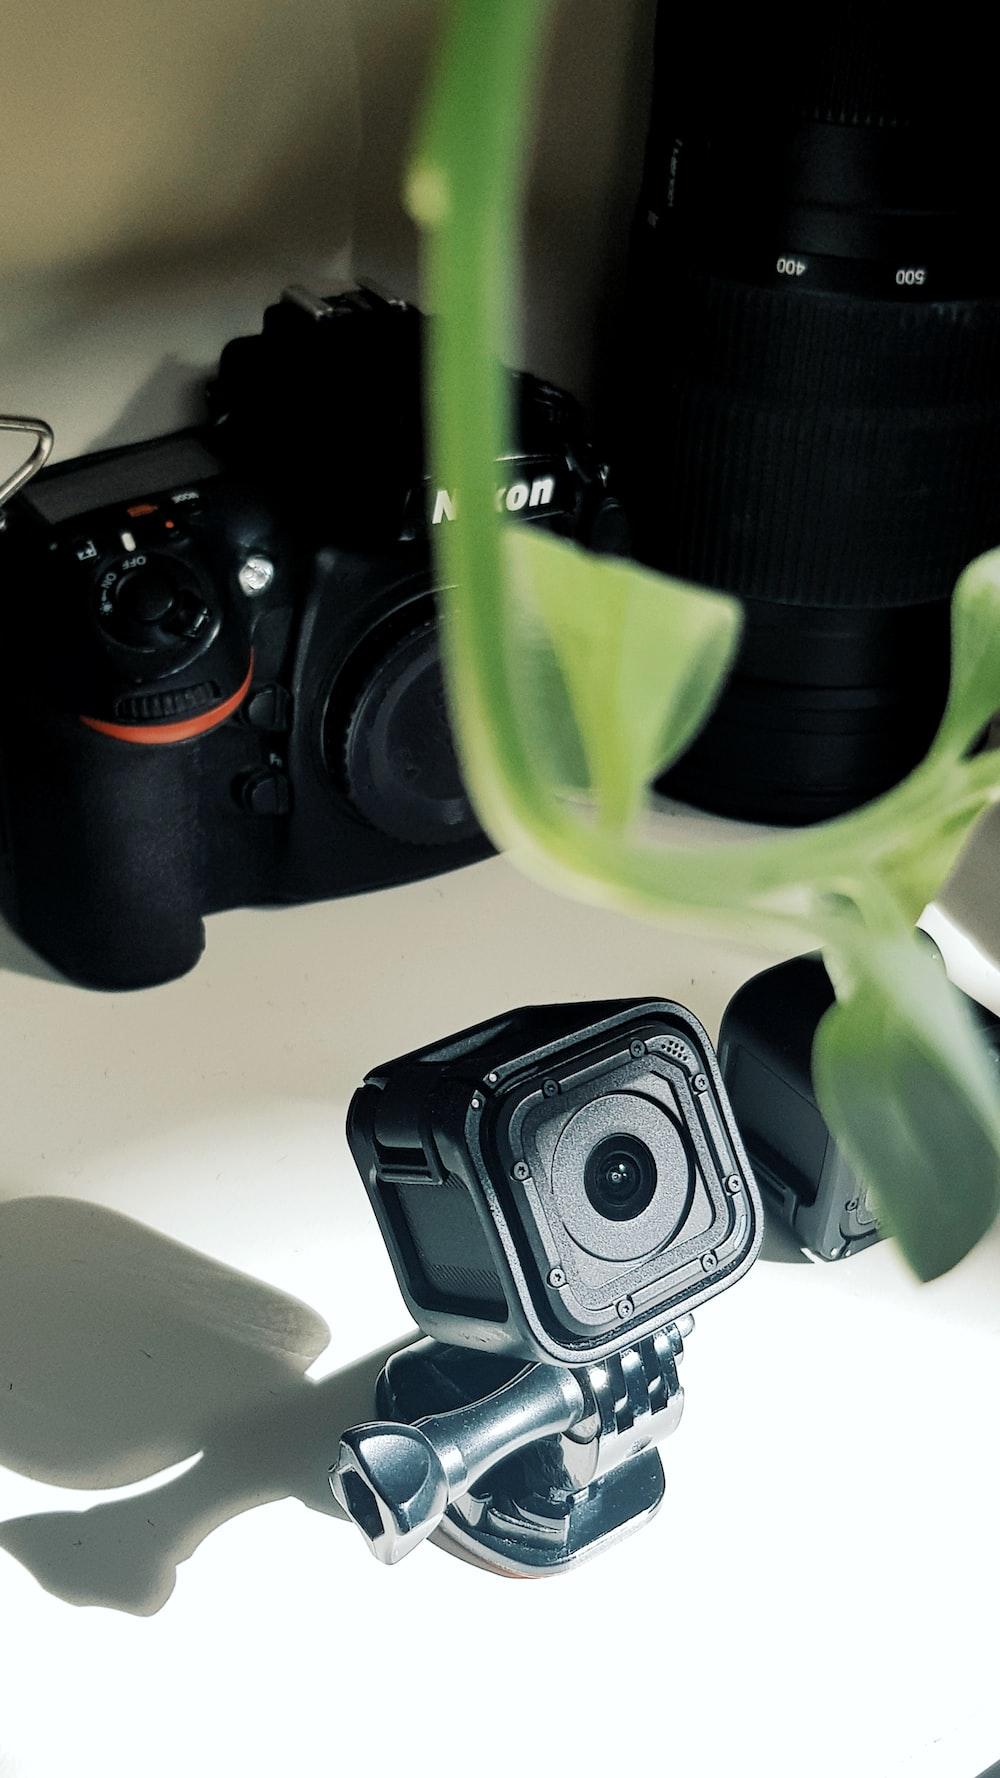 black action camera near Nikon camera